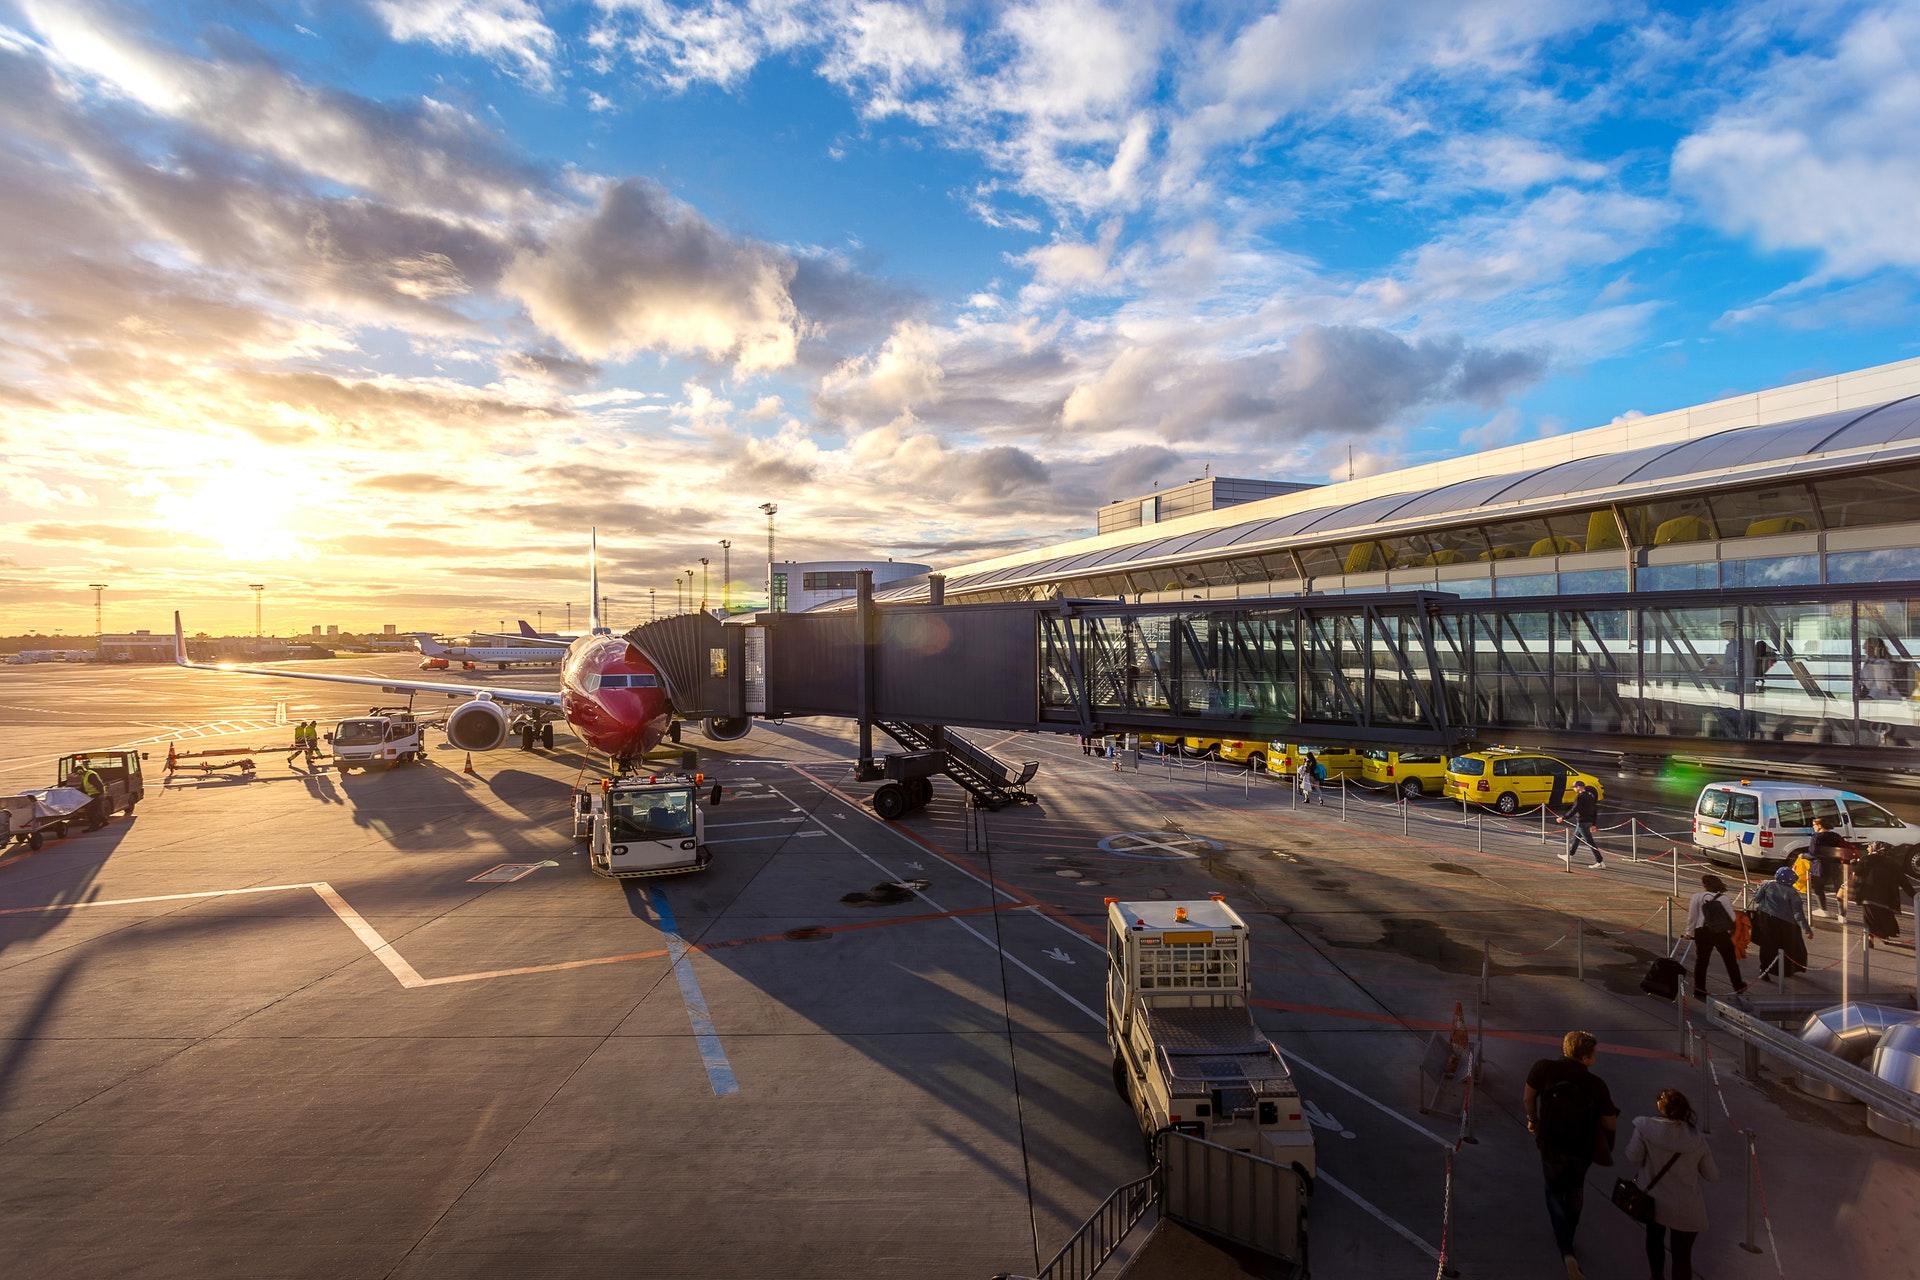 Imagem de um avião em ma pista de aeroporto. Imagem ilustrativa texto ideias de negócio.